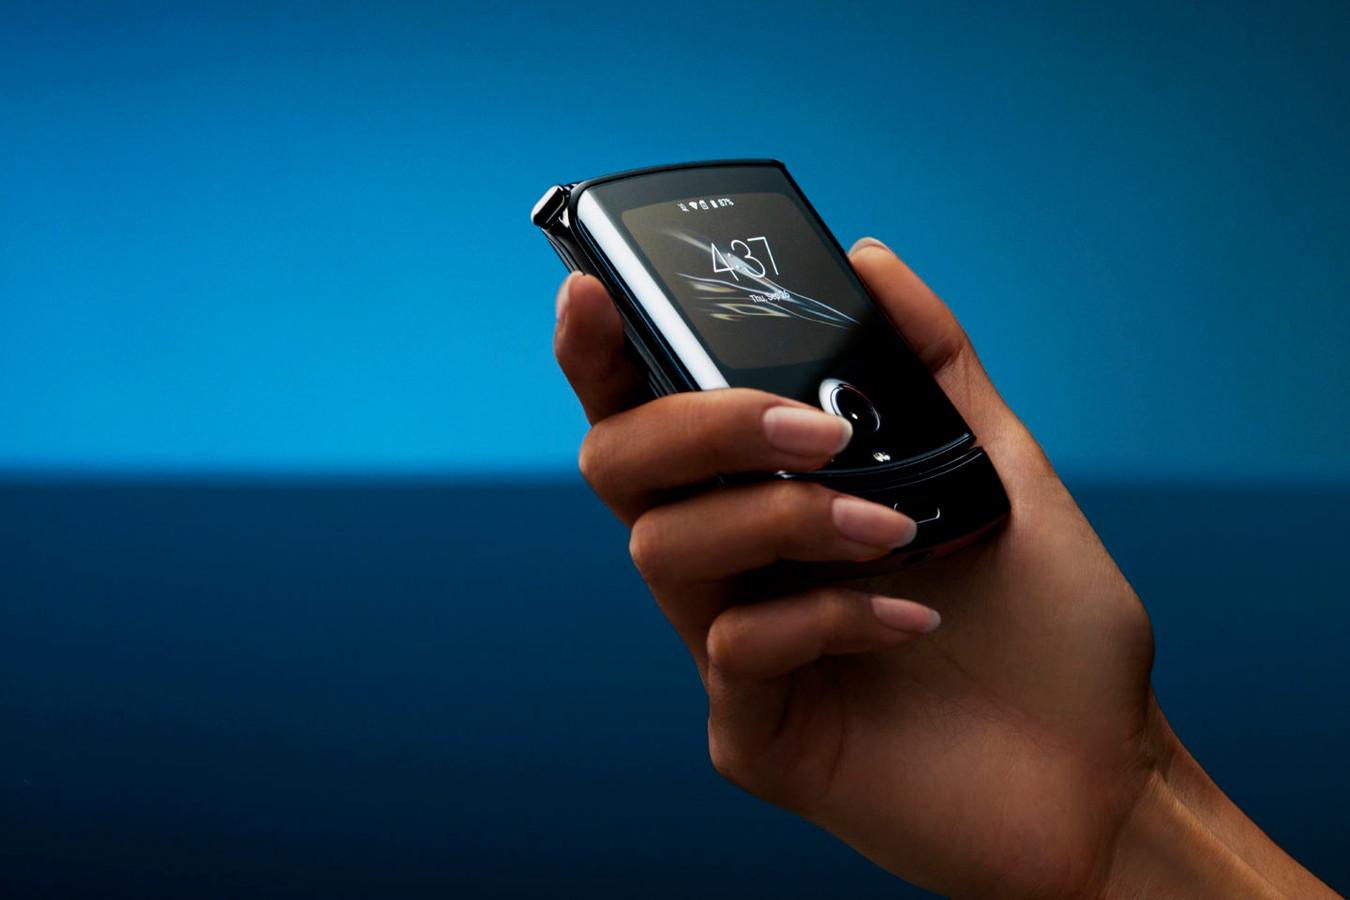 De Motorola Razr ingeklapt, met de tweede display goed zichtbaar.